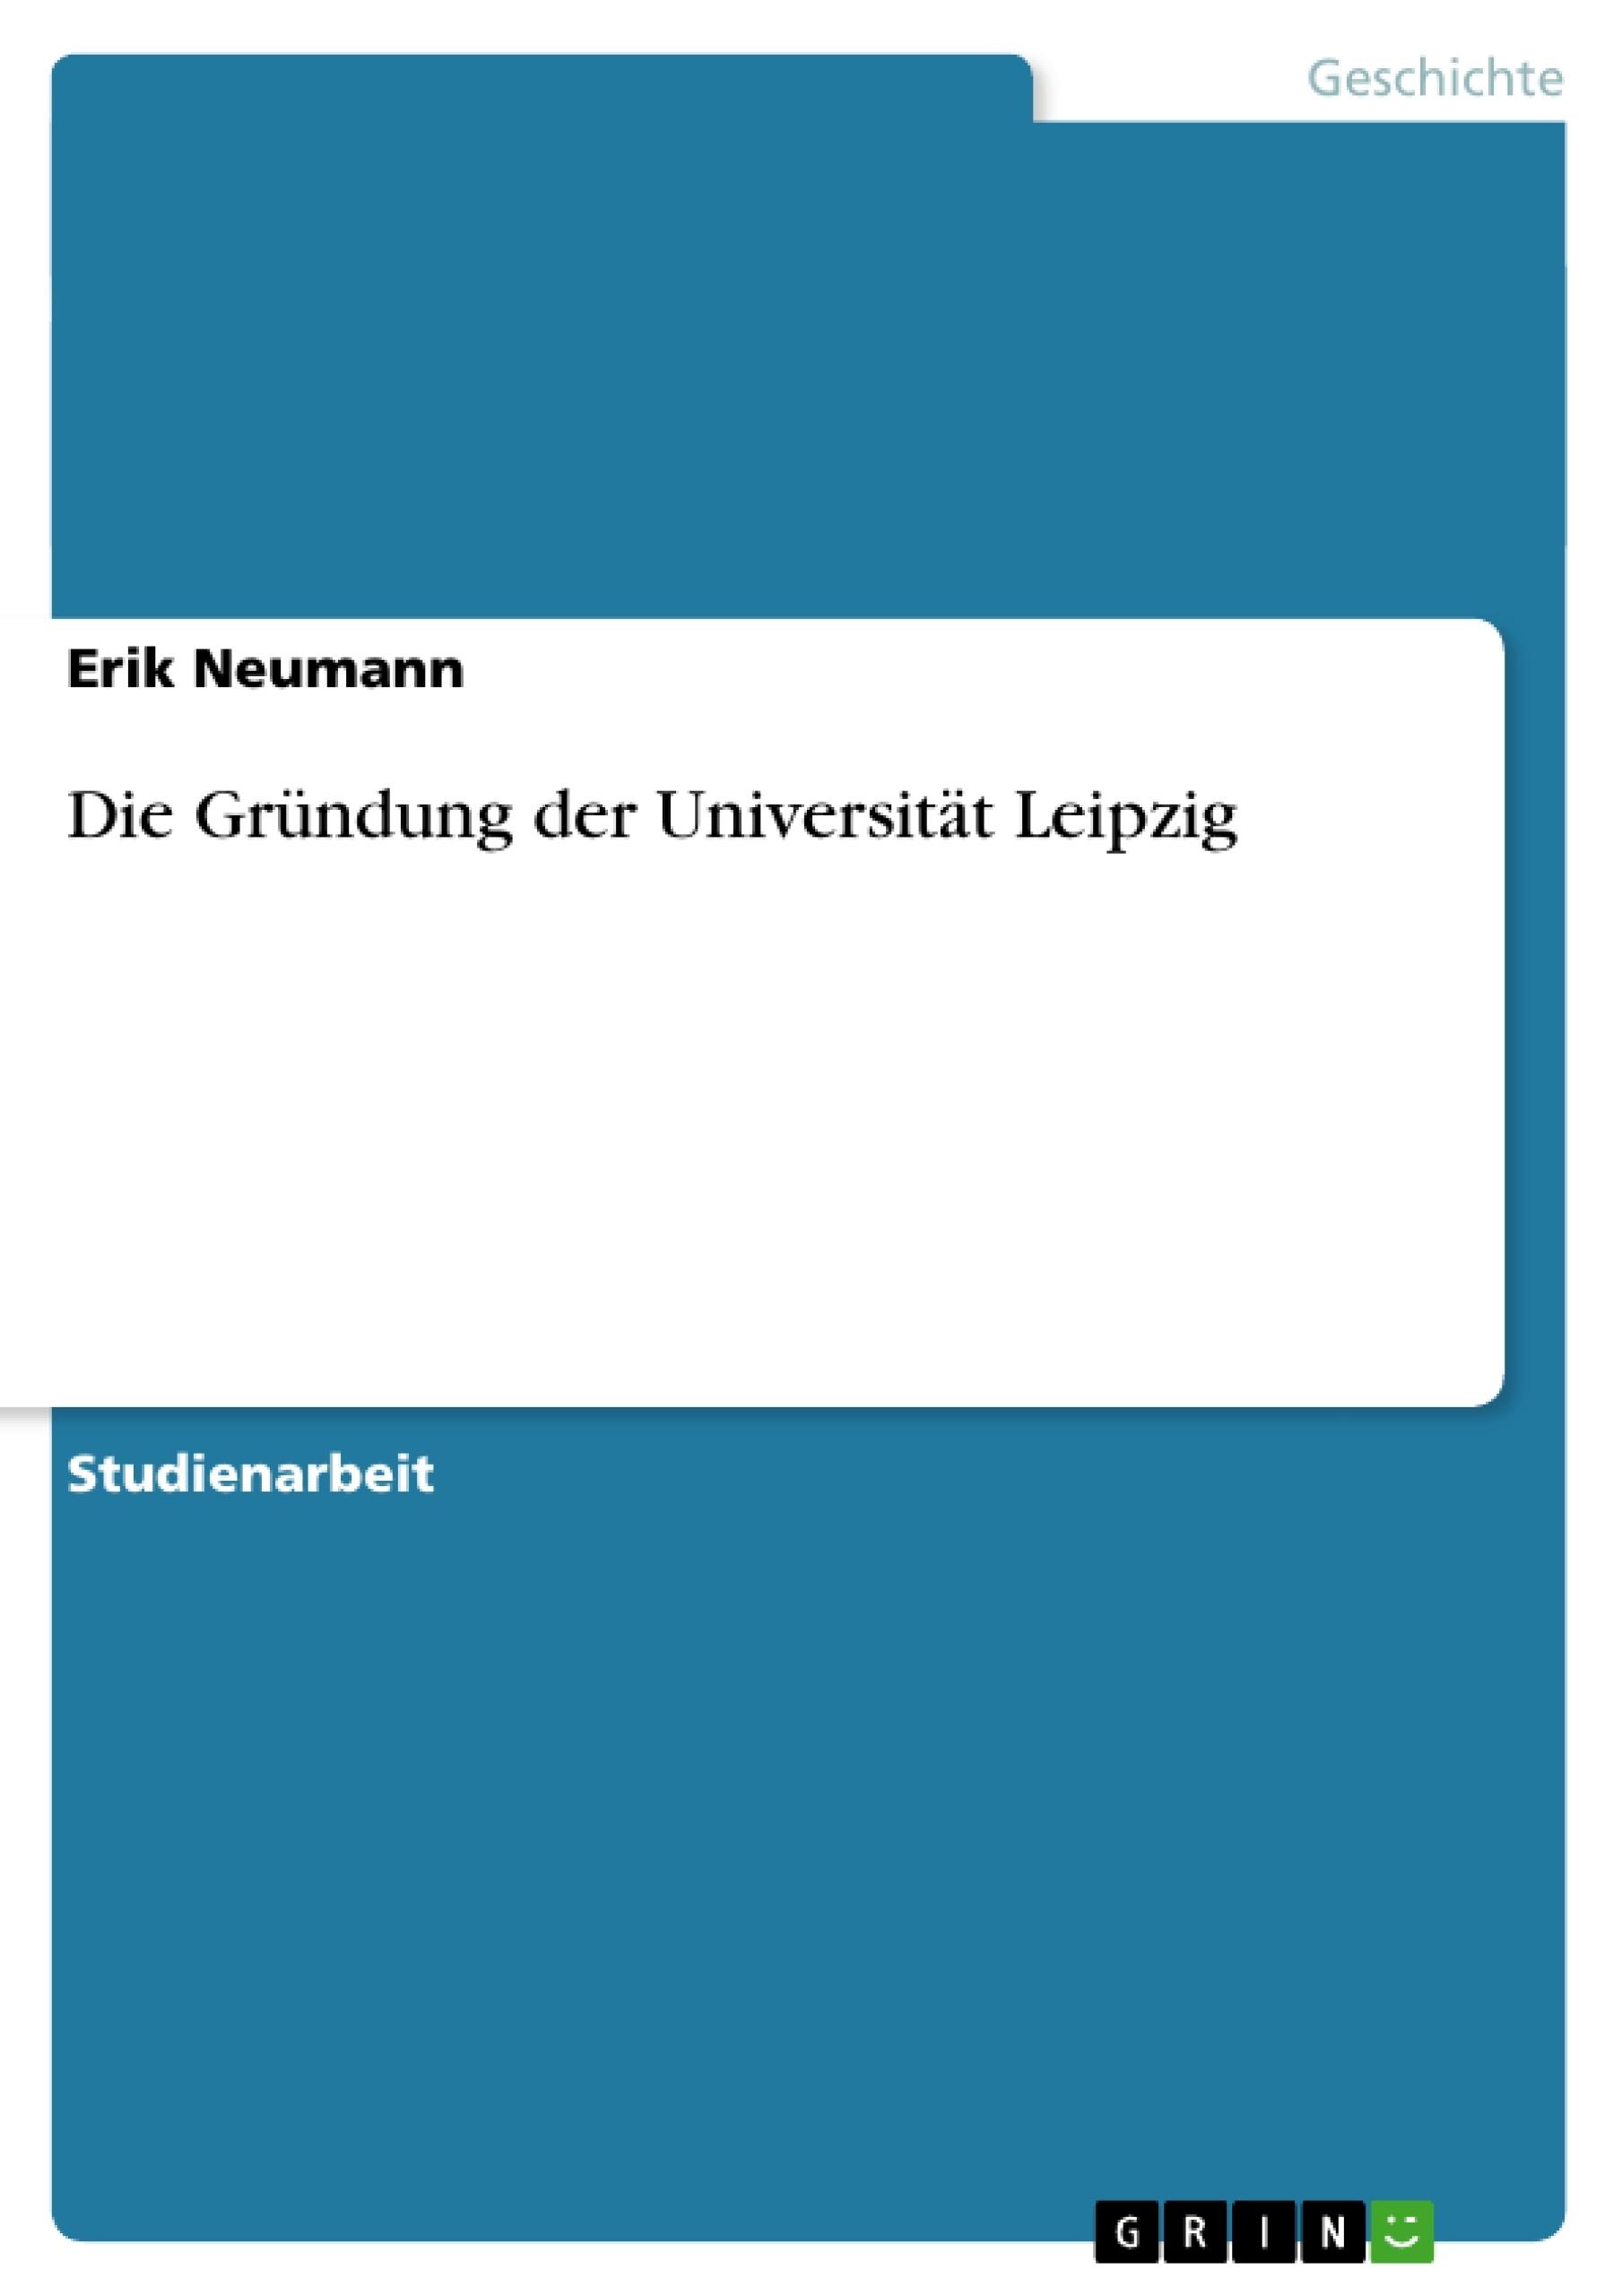 Titel: Die Gründung der Universität Leipzig